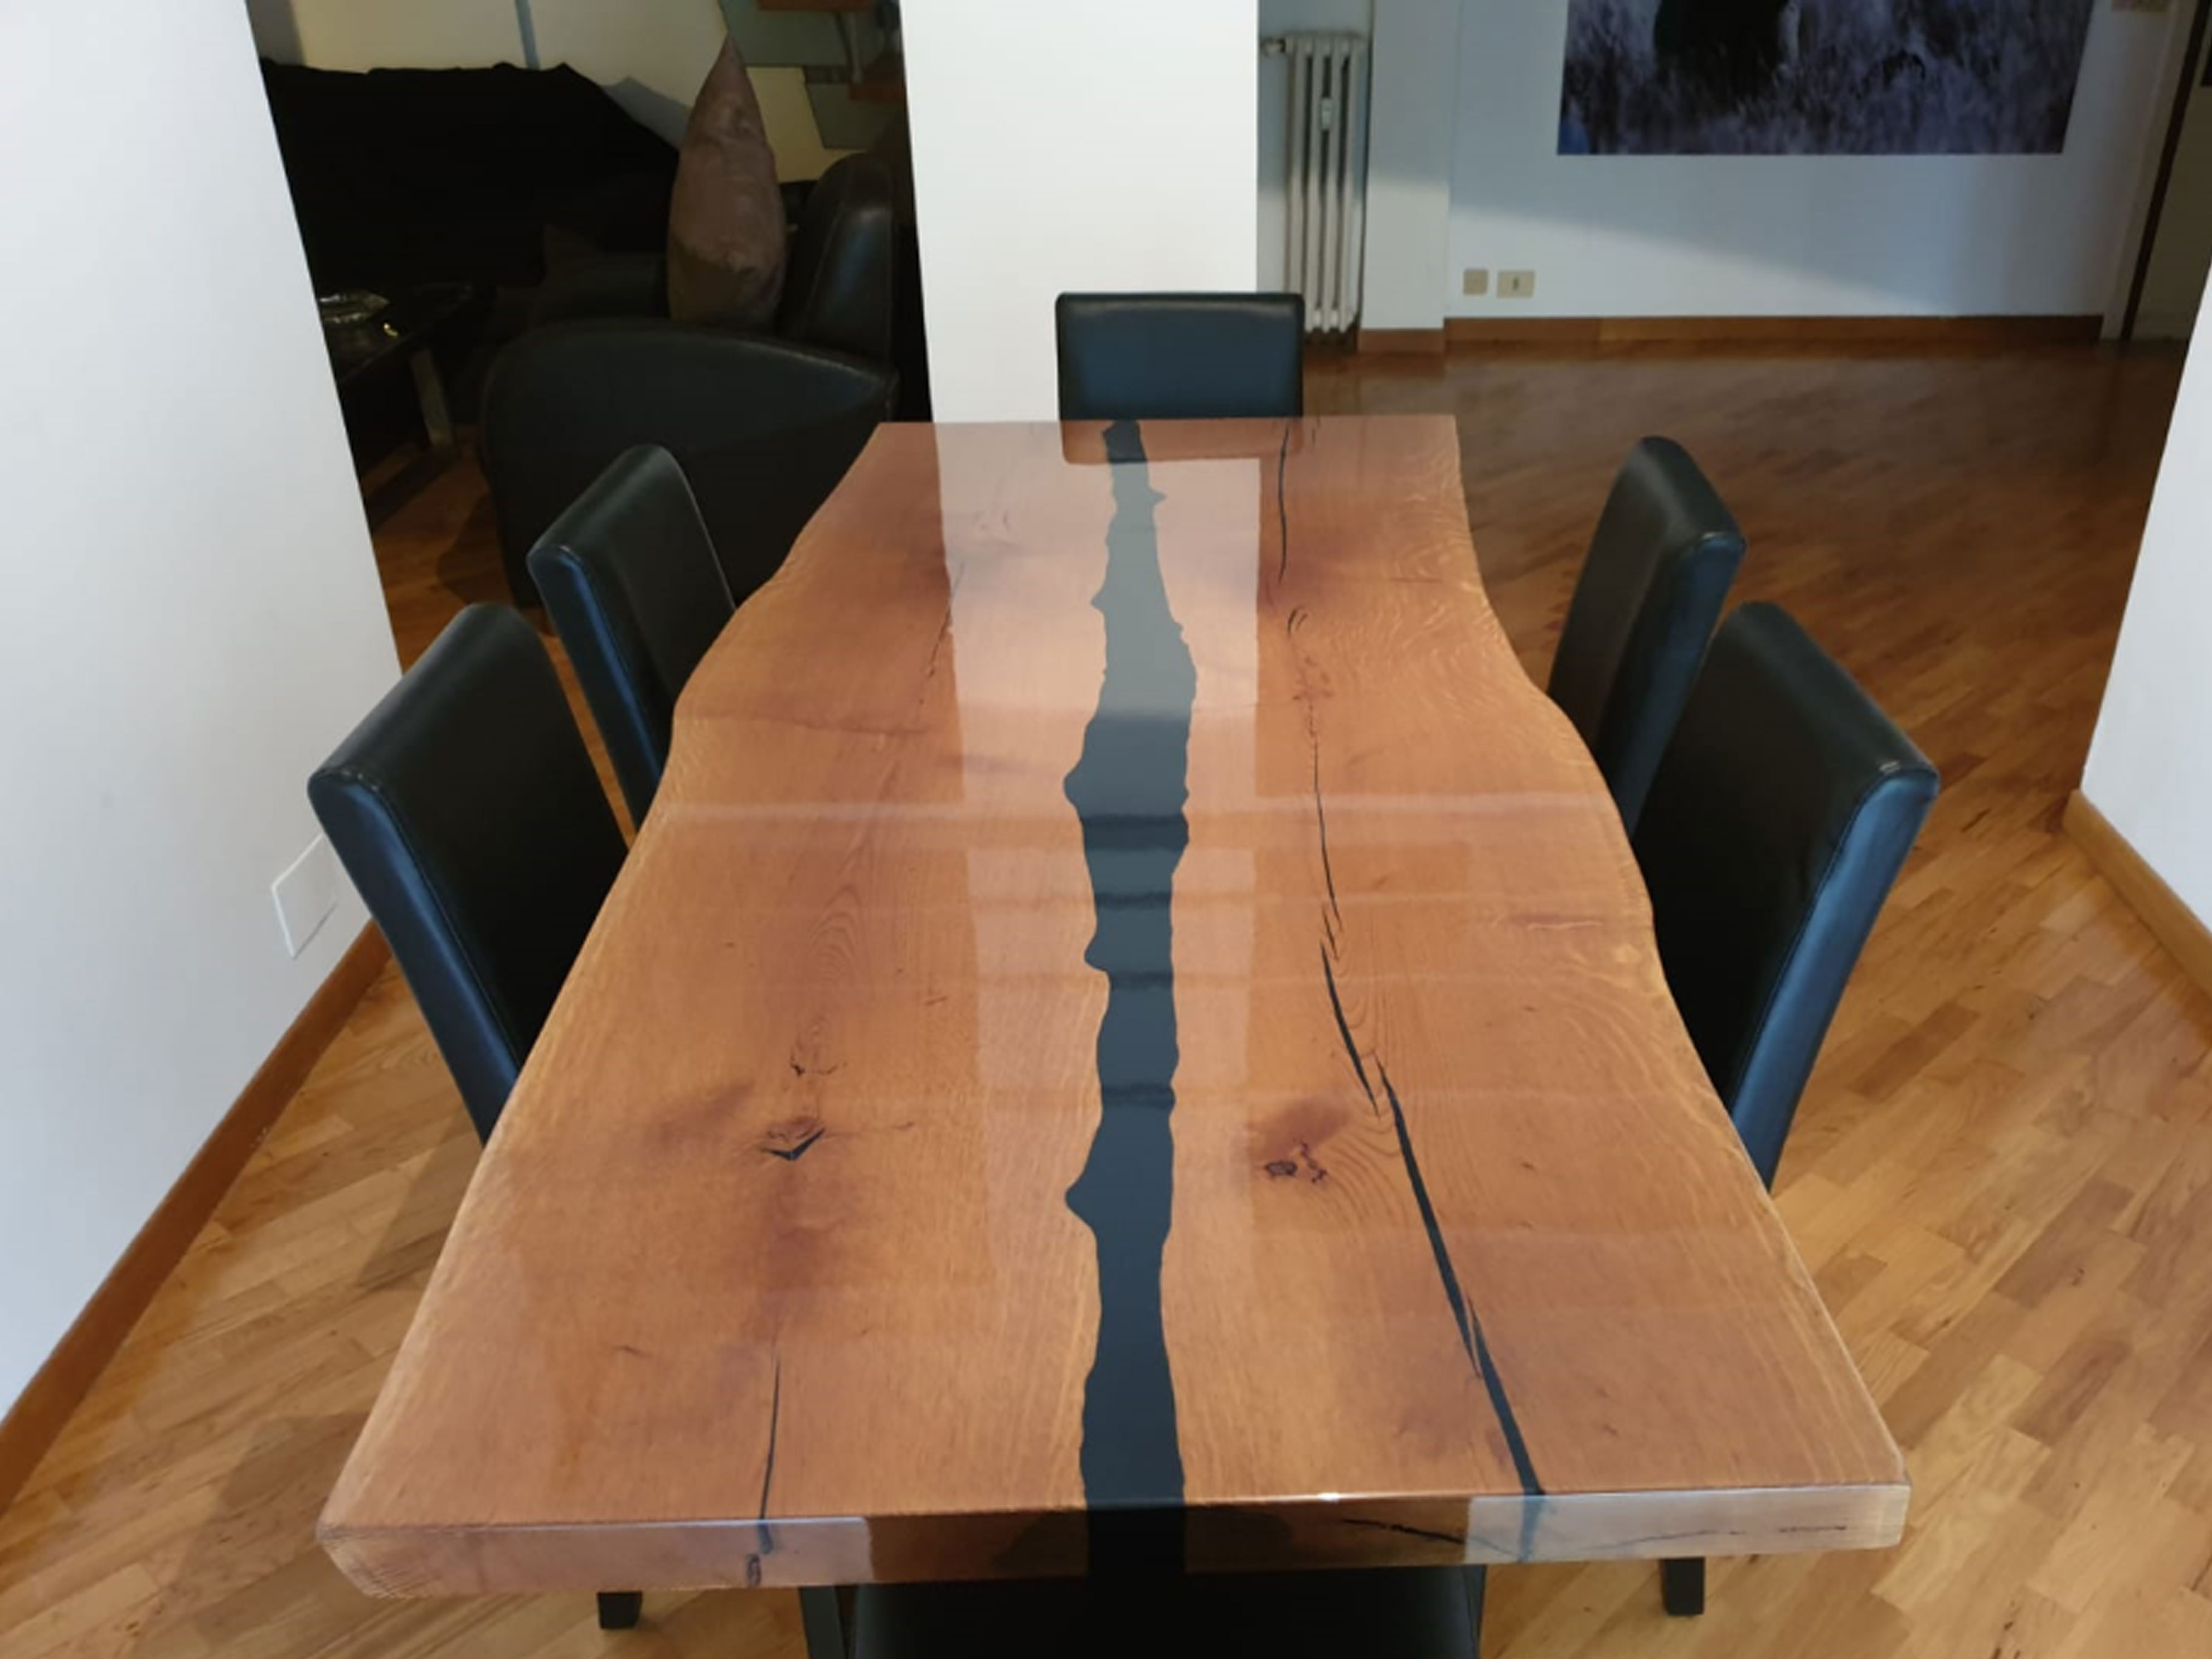 tavolo con piano in legno naturale e venature nere a vista